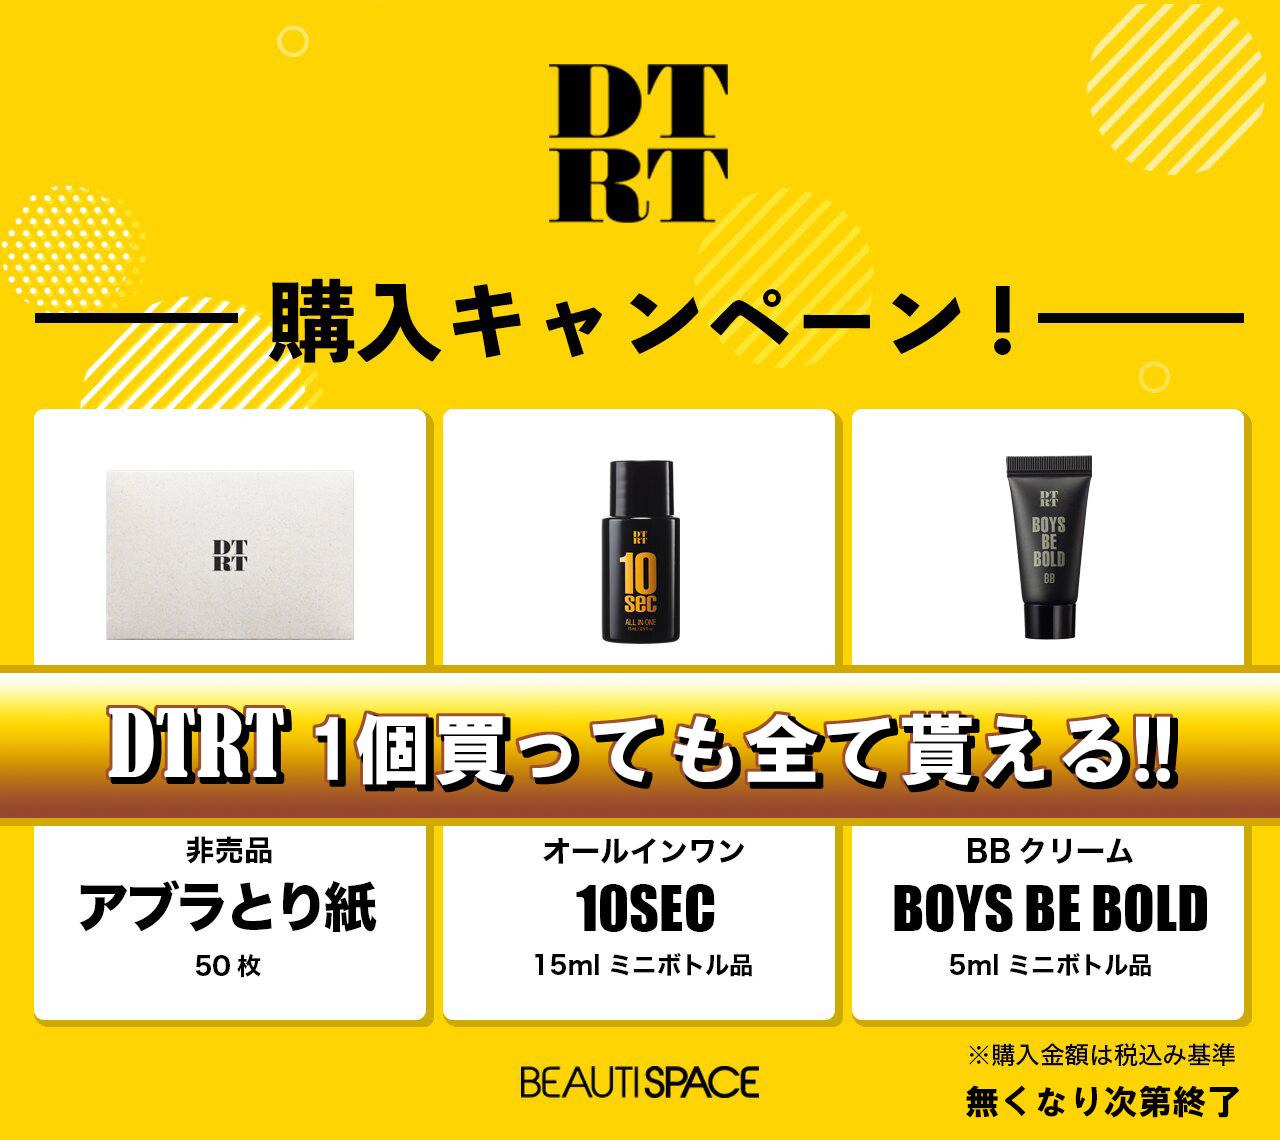 メンズコスメDTRT化粧水SOFINE韓国コスメスキンケア男性化粧品韓国化粧水男性コスメ